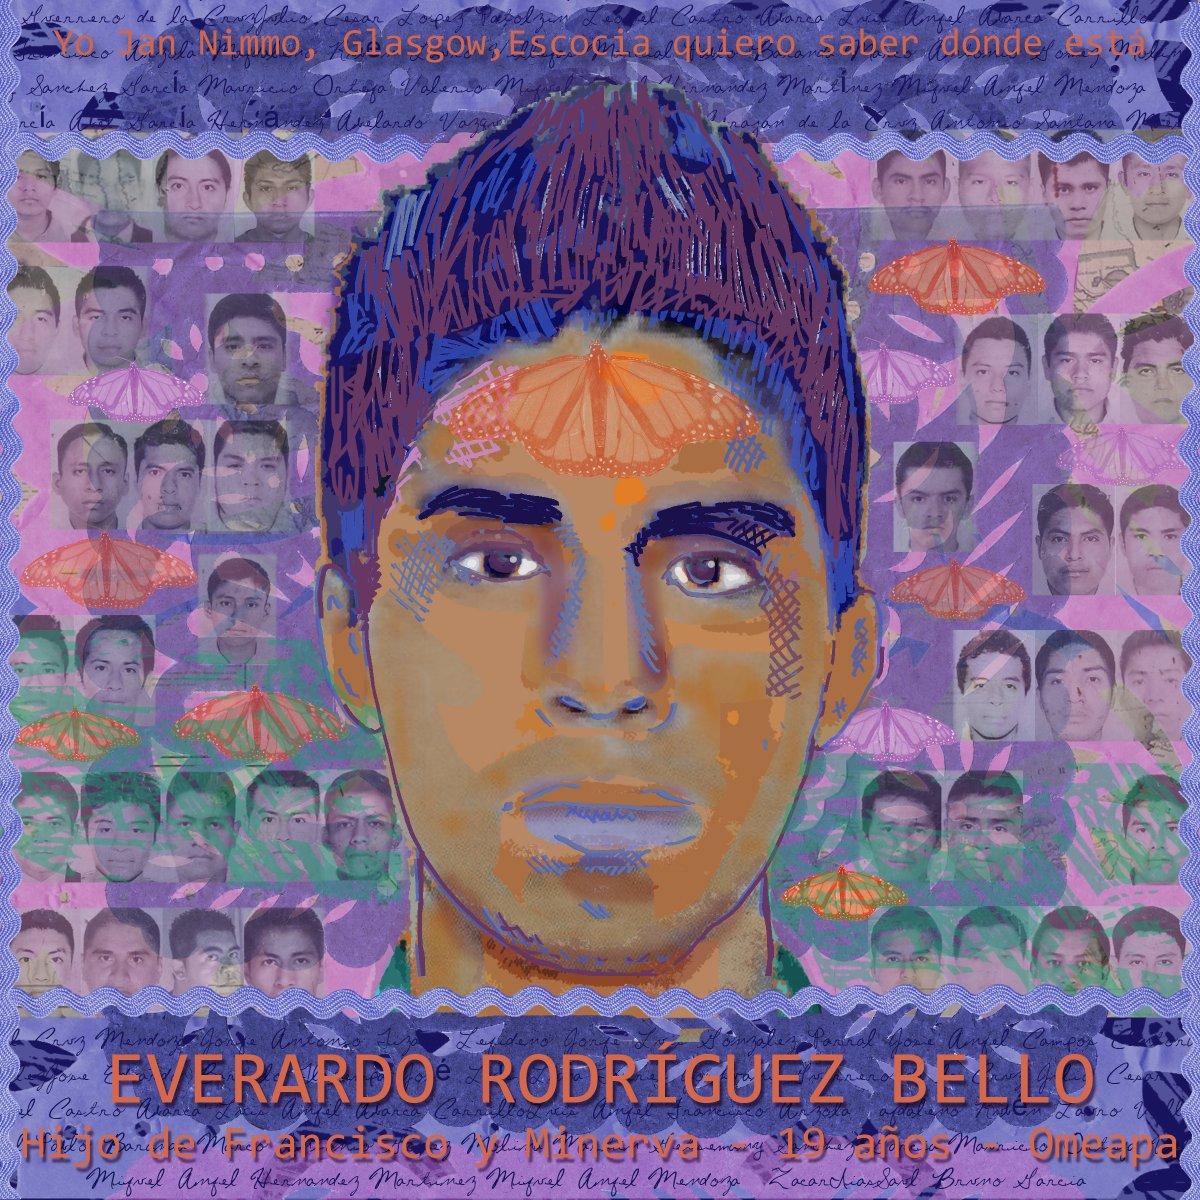 #EverardoRodríguezBello HOY en el día de tu CUMPLEAÑOS, tienes que saber que tus padres luchan cada día por encontrarte ¡TE ABRAZAMOS! <br>http://pic.twitter.com/yEHtCLW6QY